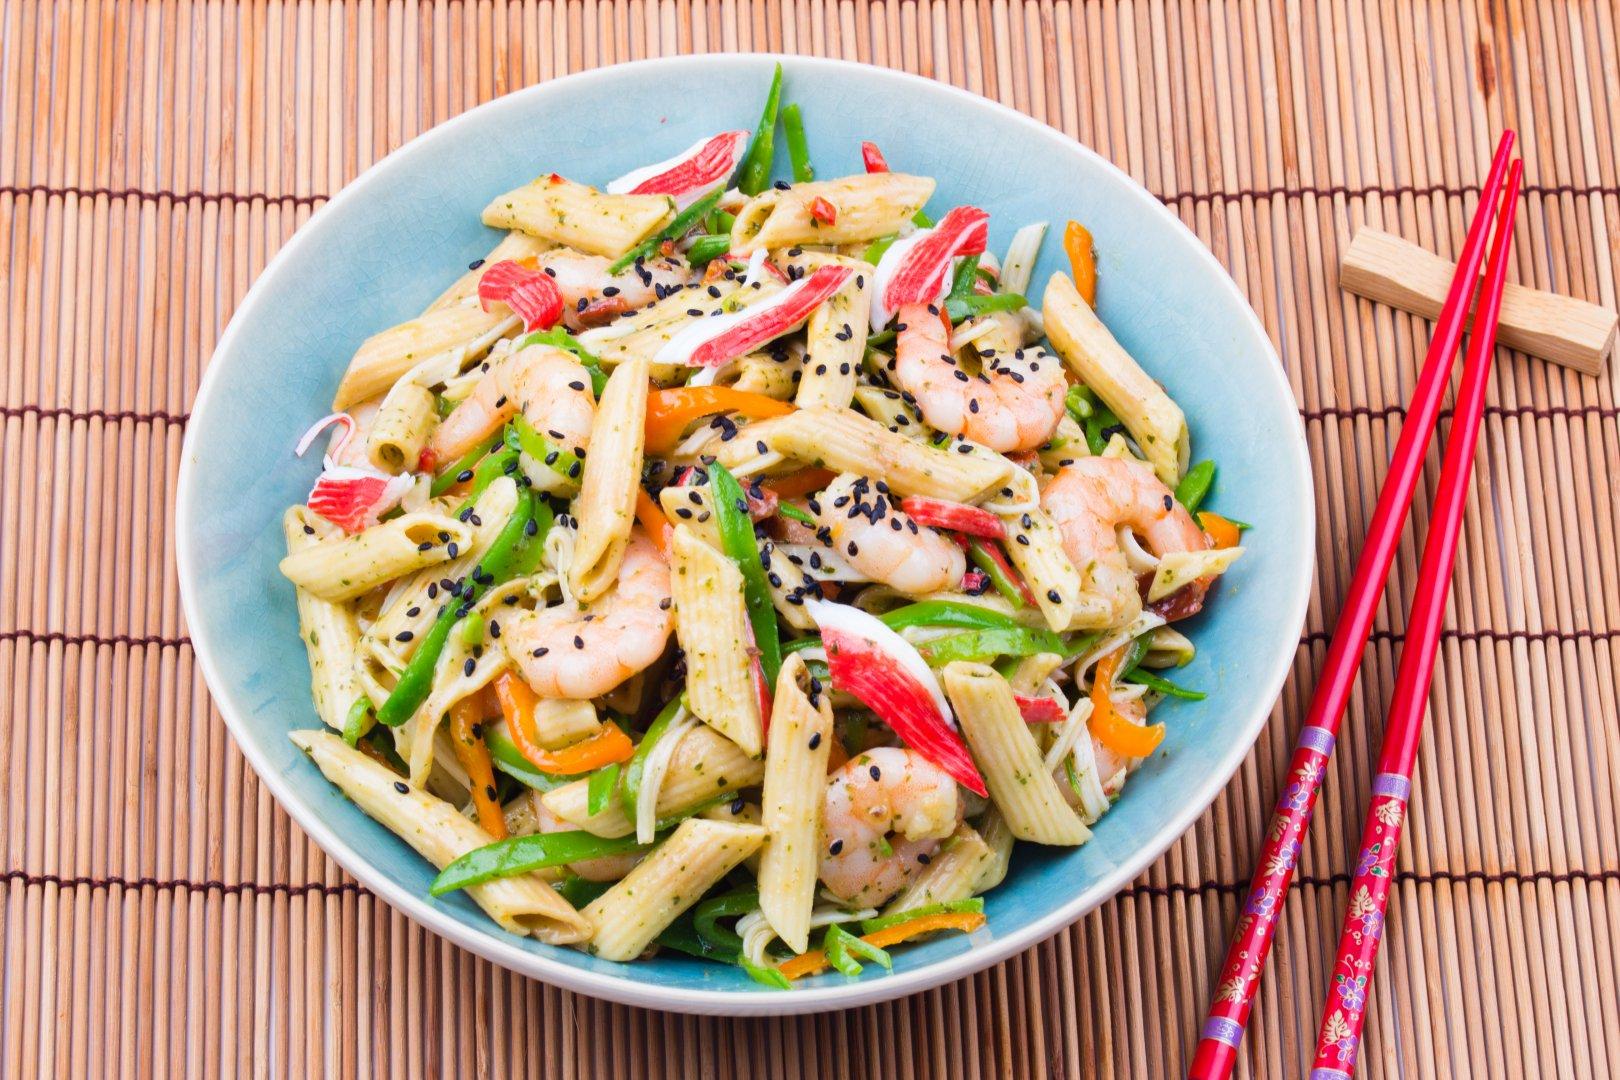 Chinese Pasta Pesto salade met garnalen